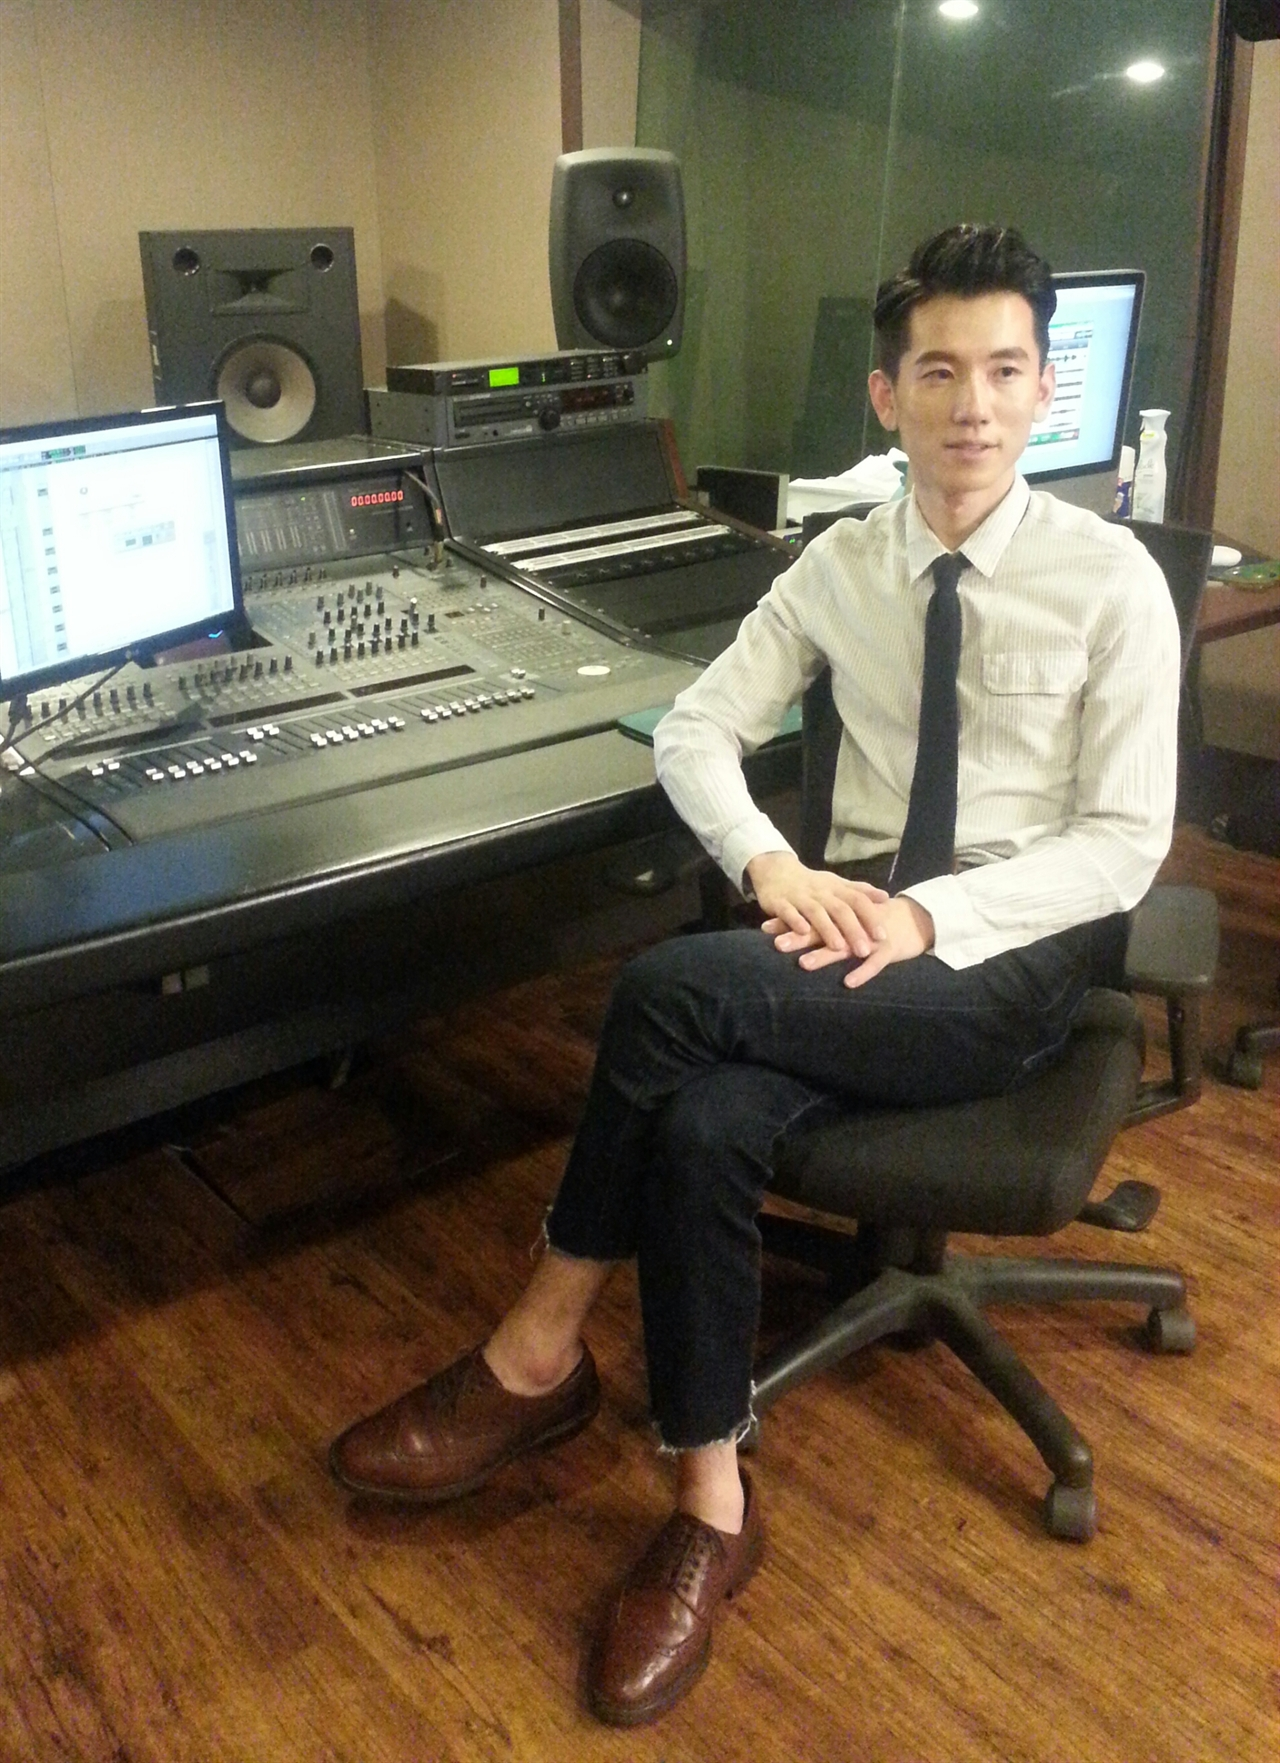 작곡가 임성용 뉴에이지 피아노 연주곡을 계속 발매하고 싶다고 하는 임성용. 뉴에이지 뿐 아니라 가요곡도 가수들에게 주고 싶다고 말했다.